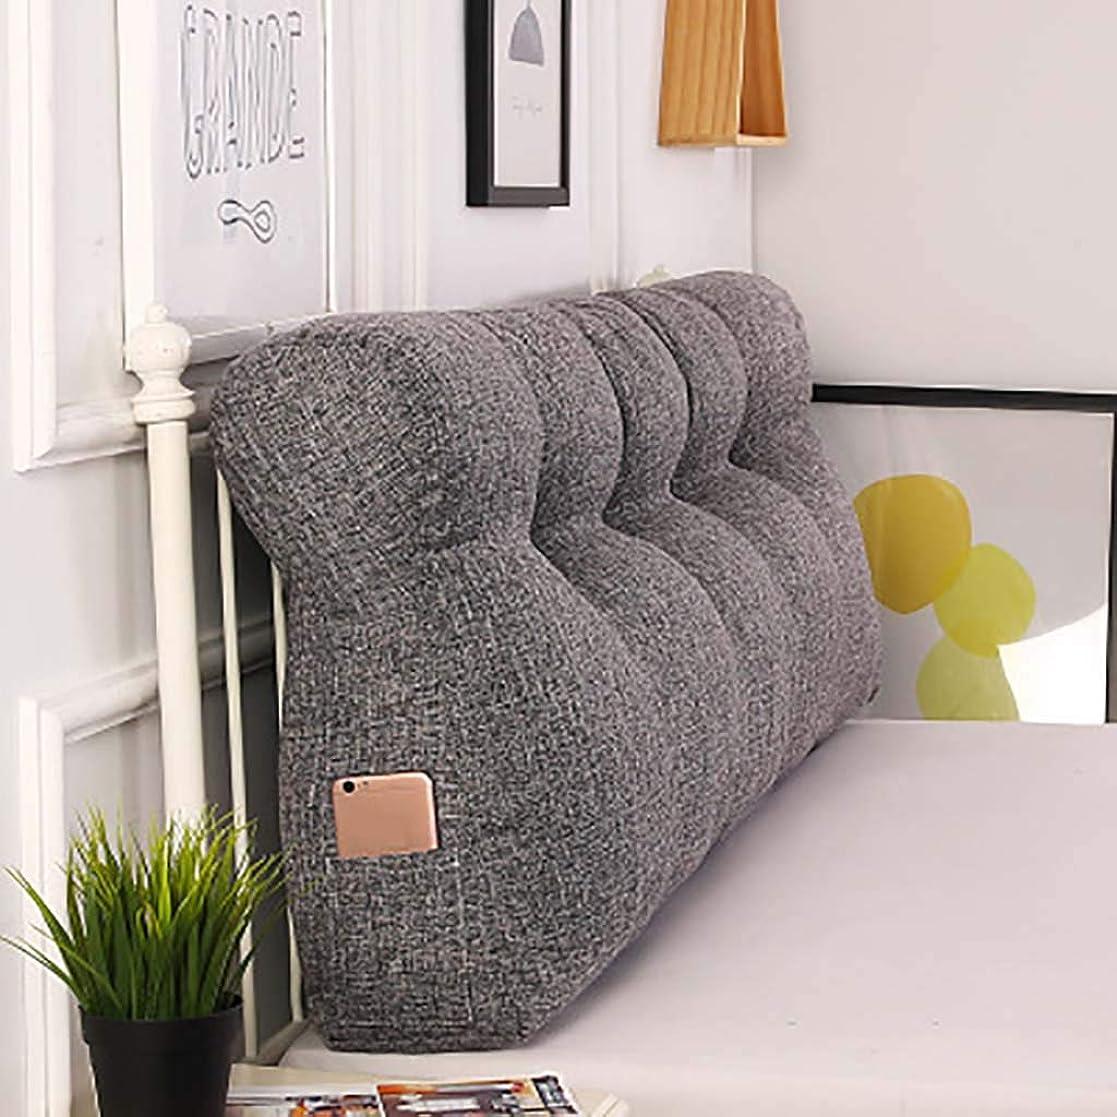 スポンサーがっかりした予備単色 3-次元 ウェッジ枕,ベッド 背もたれ 枕 ヘッドボード 読ん 背もたれ ベッド 戻る クッション 畳 ベイウィンドウ 枕-ダークグレー 180x50x15cm(71x20x6inch)